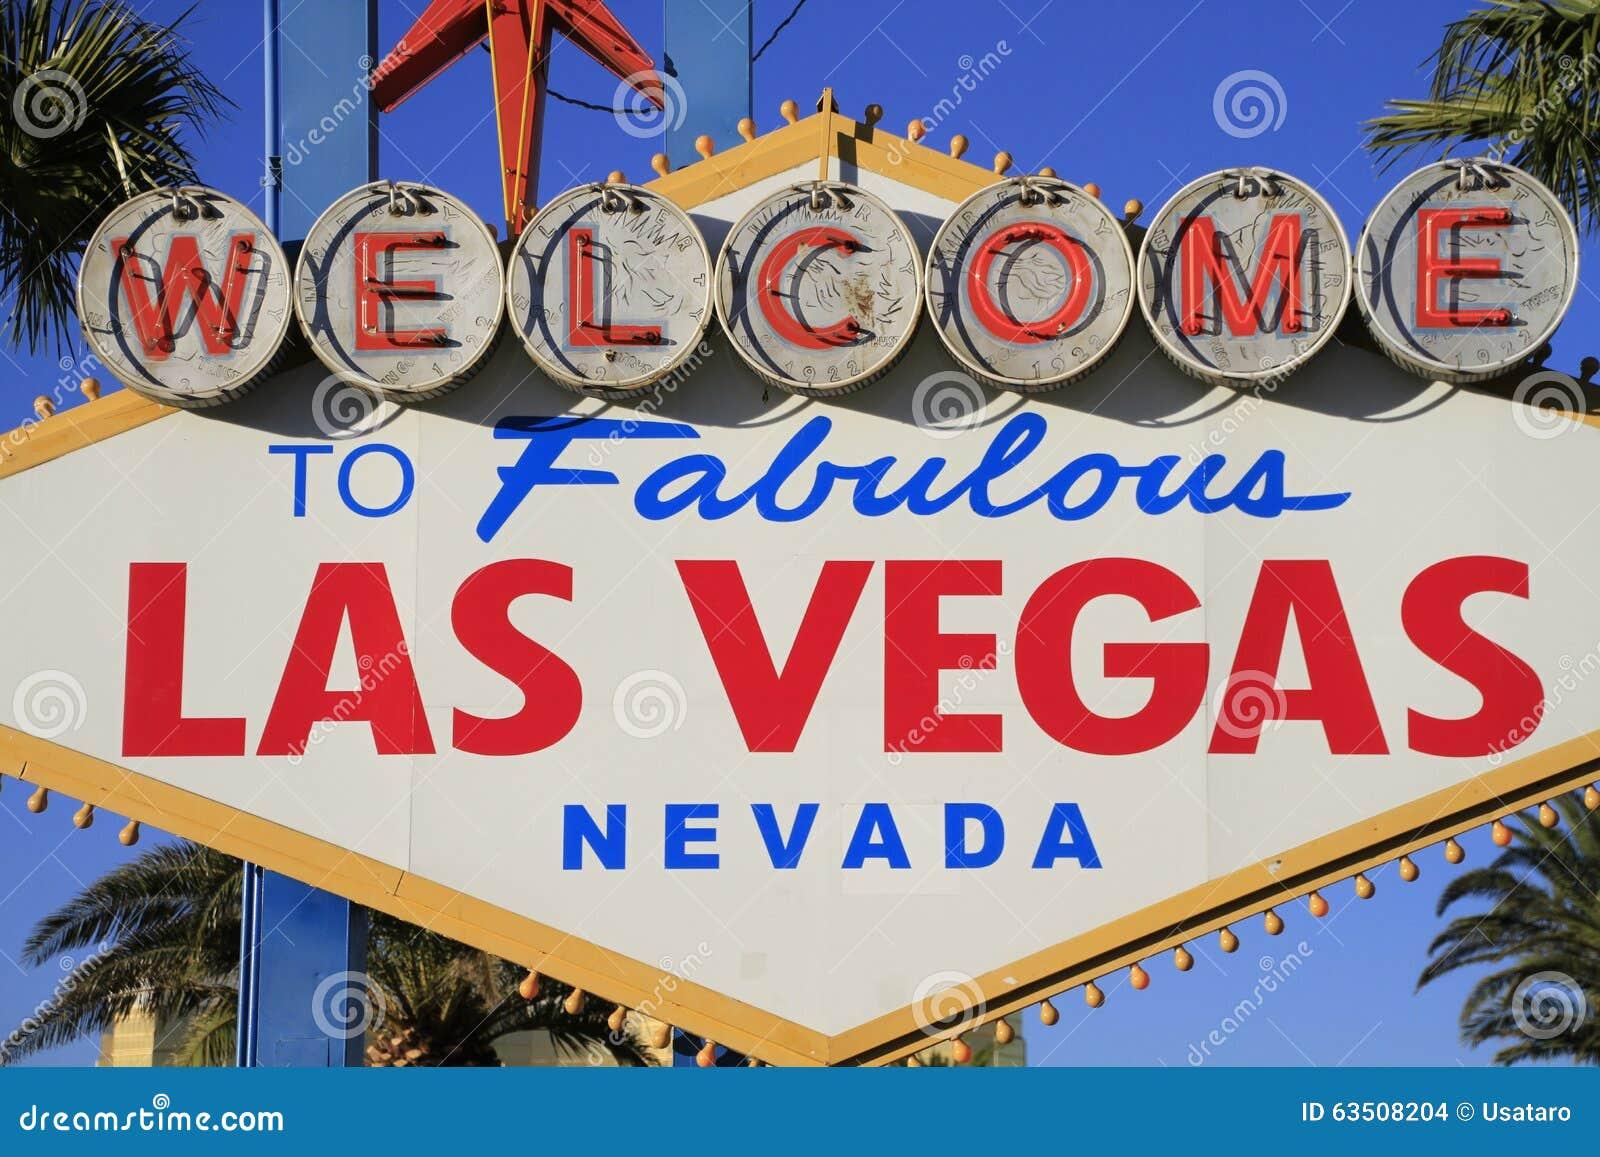 Добро пожаловать никогда, который нужно не спать город Лас-Вегас, Америка, США